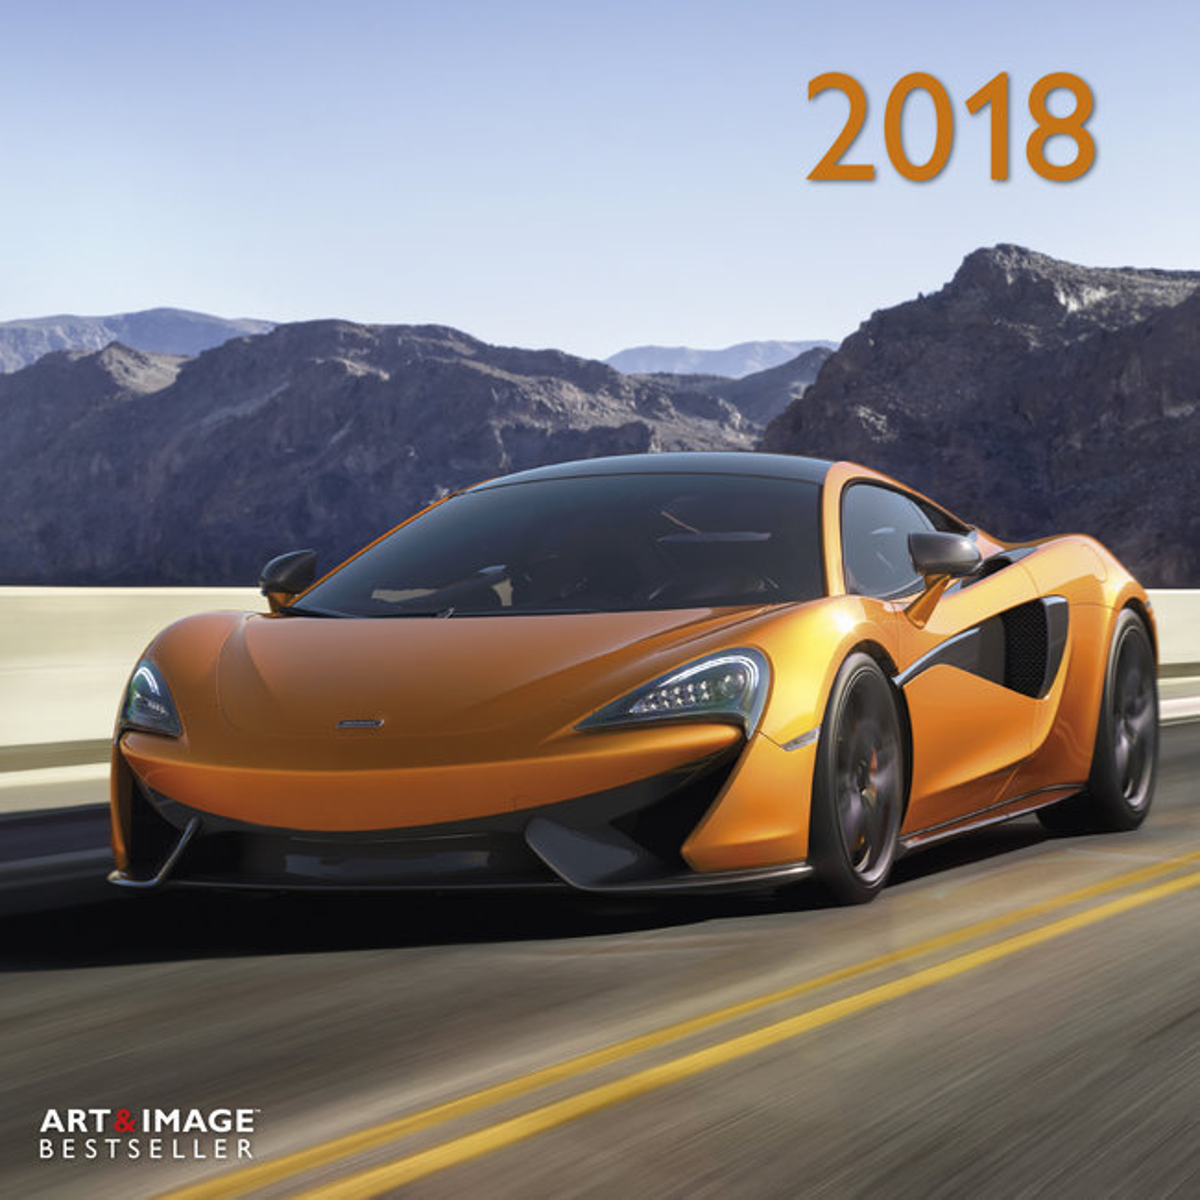 Extrêmement Calendrier 2018 Voiture avec poster offert VH44